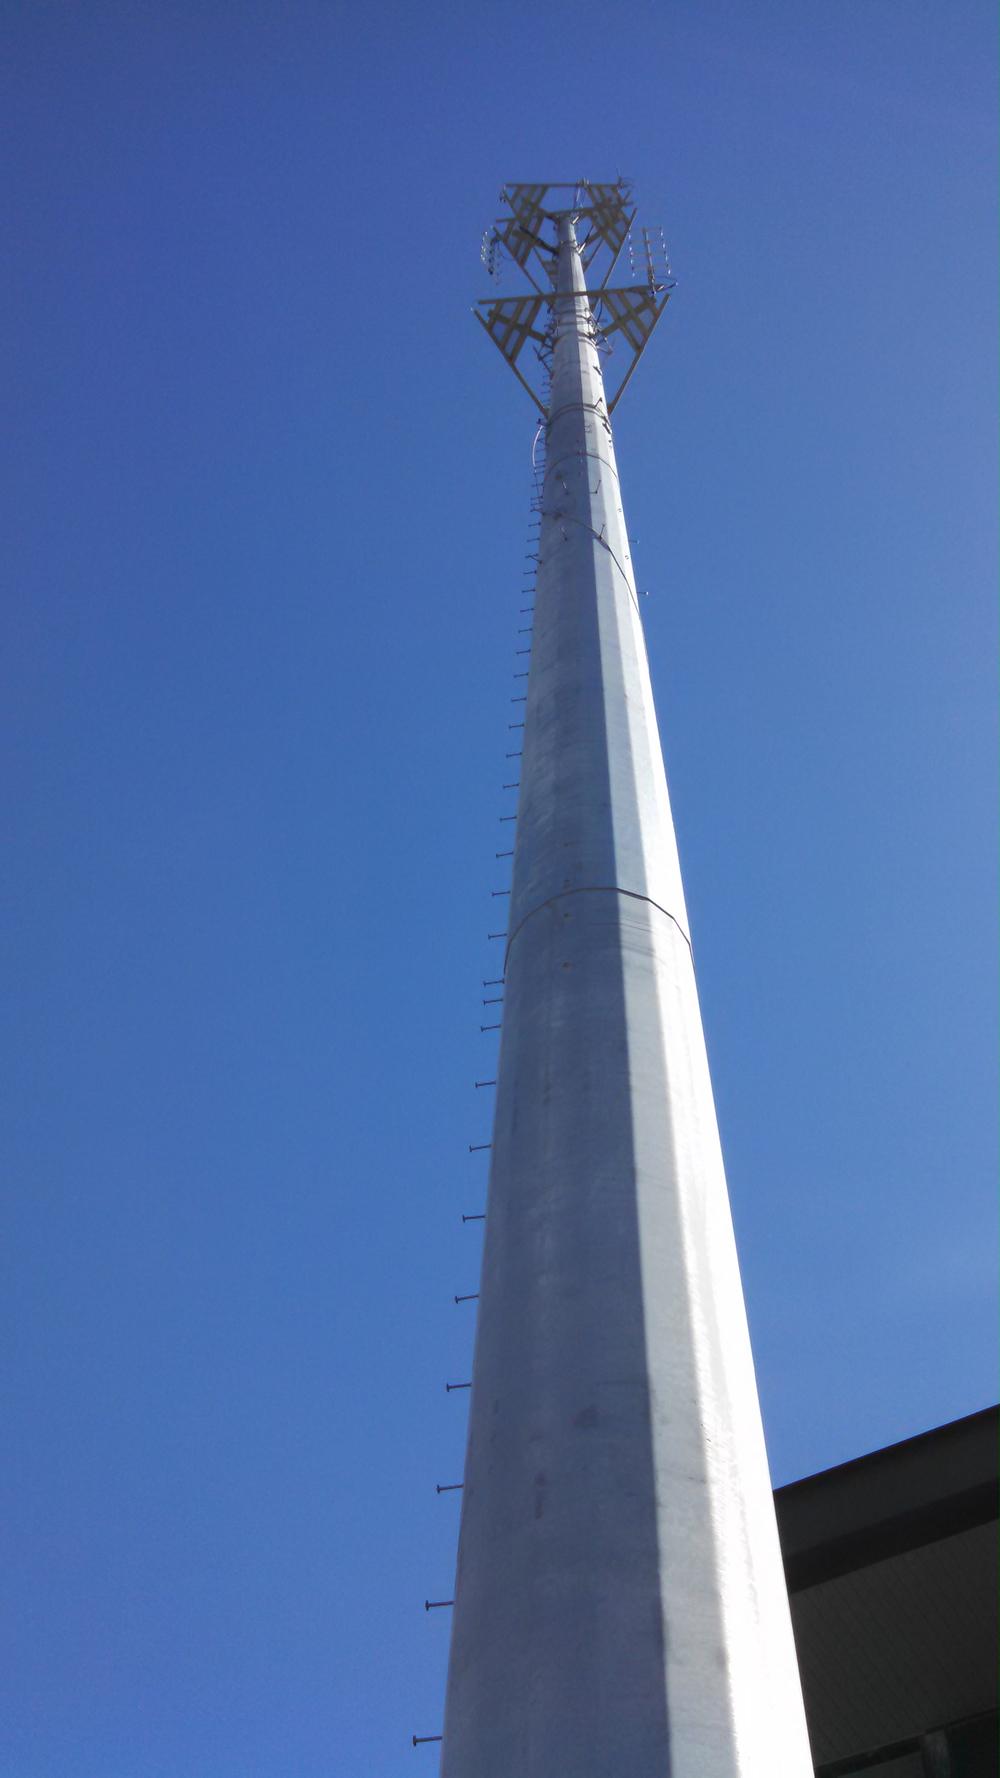 TowerInstallations22.jpg